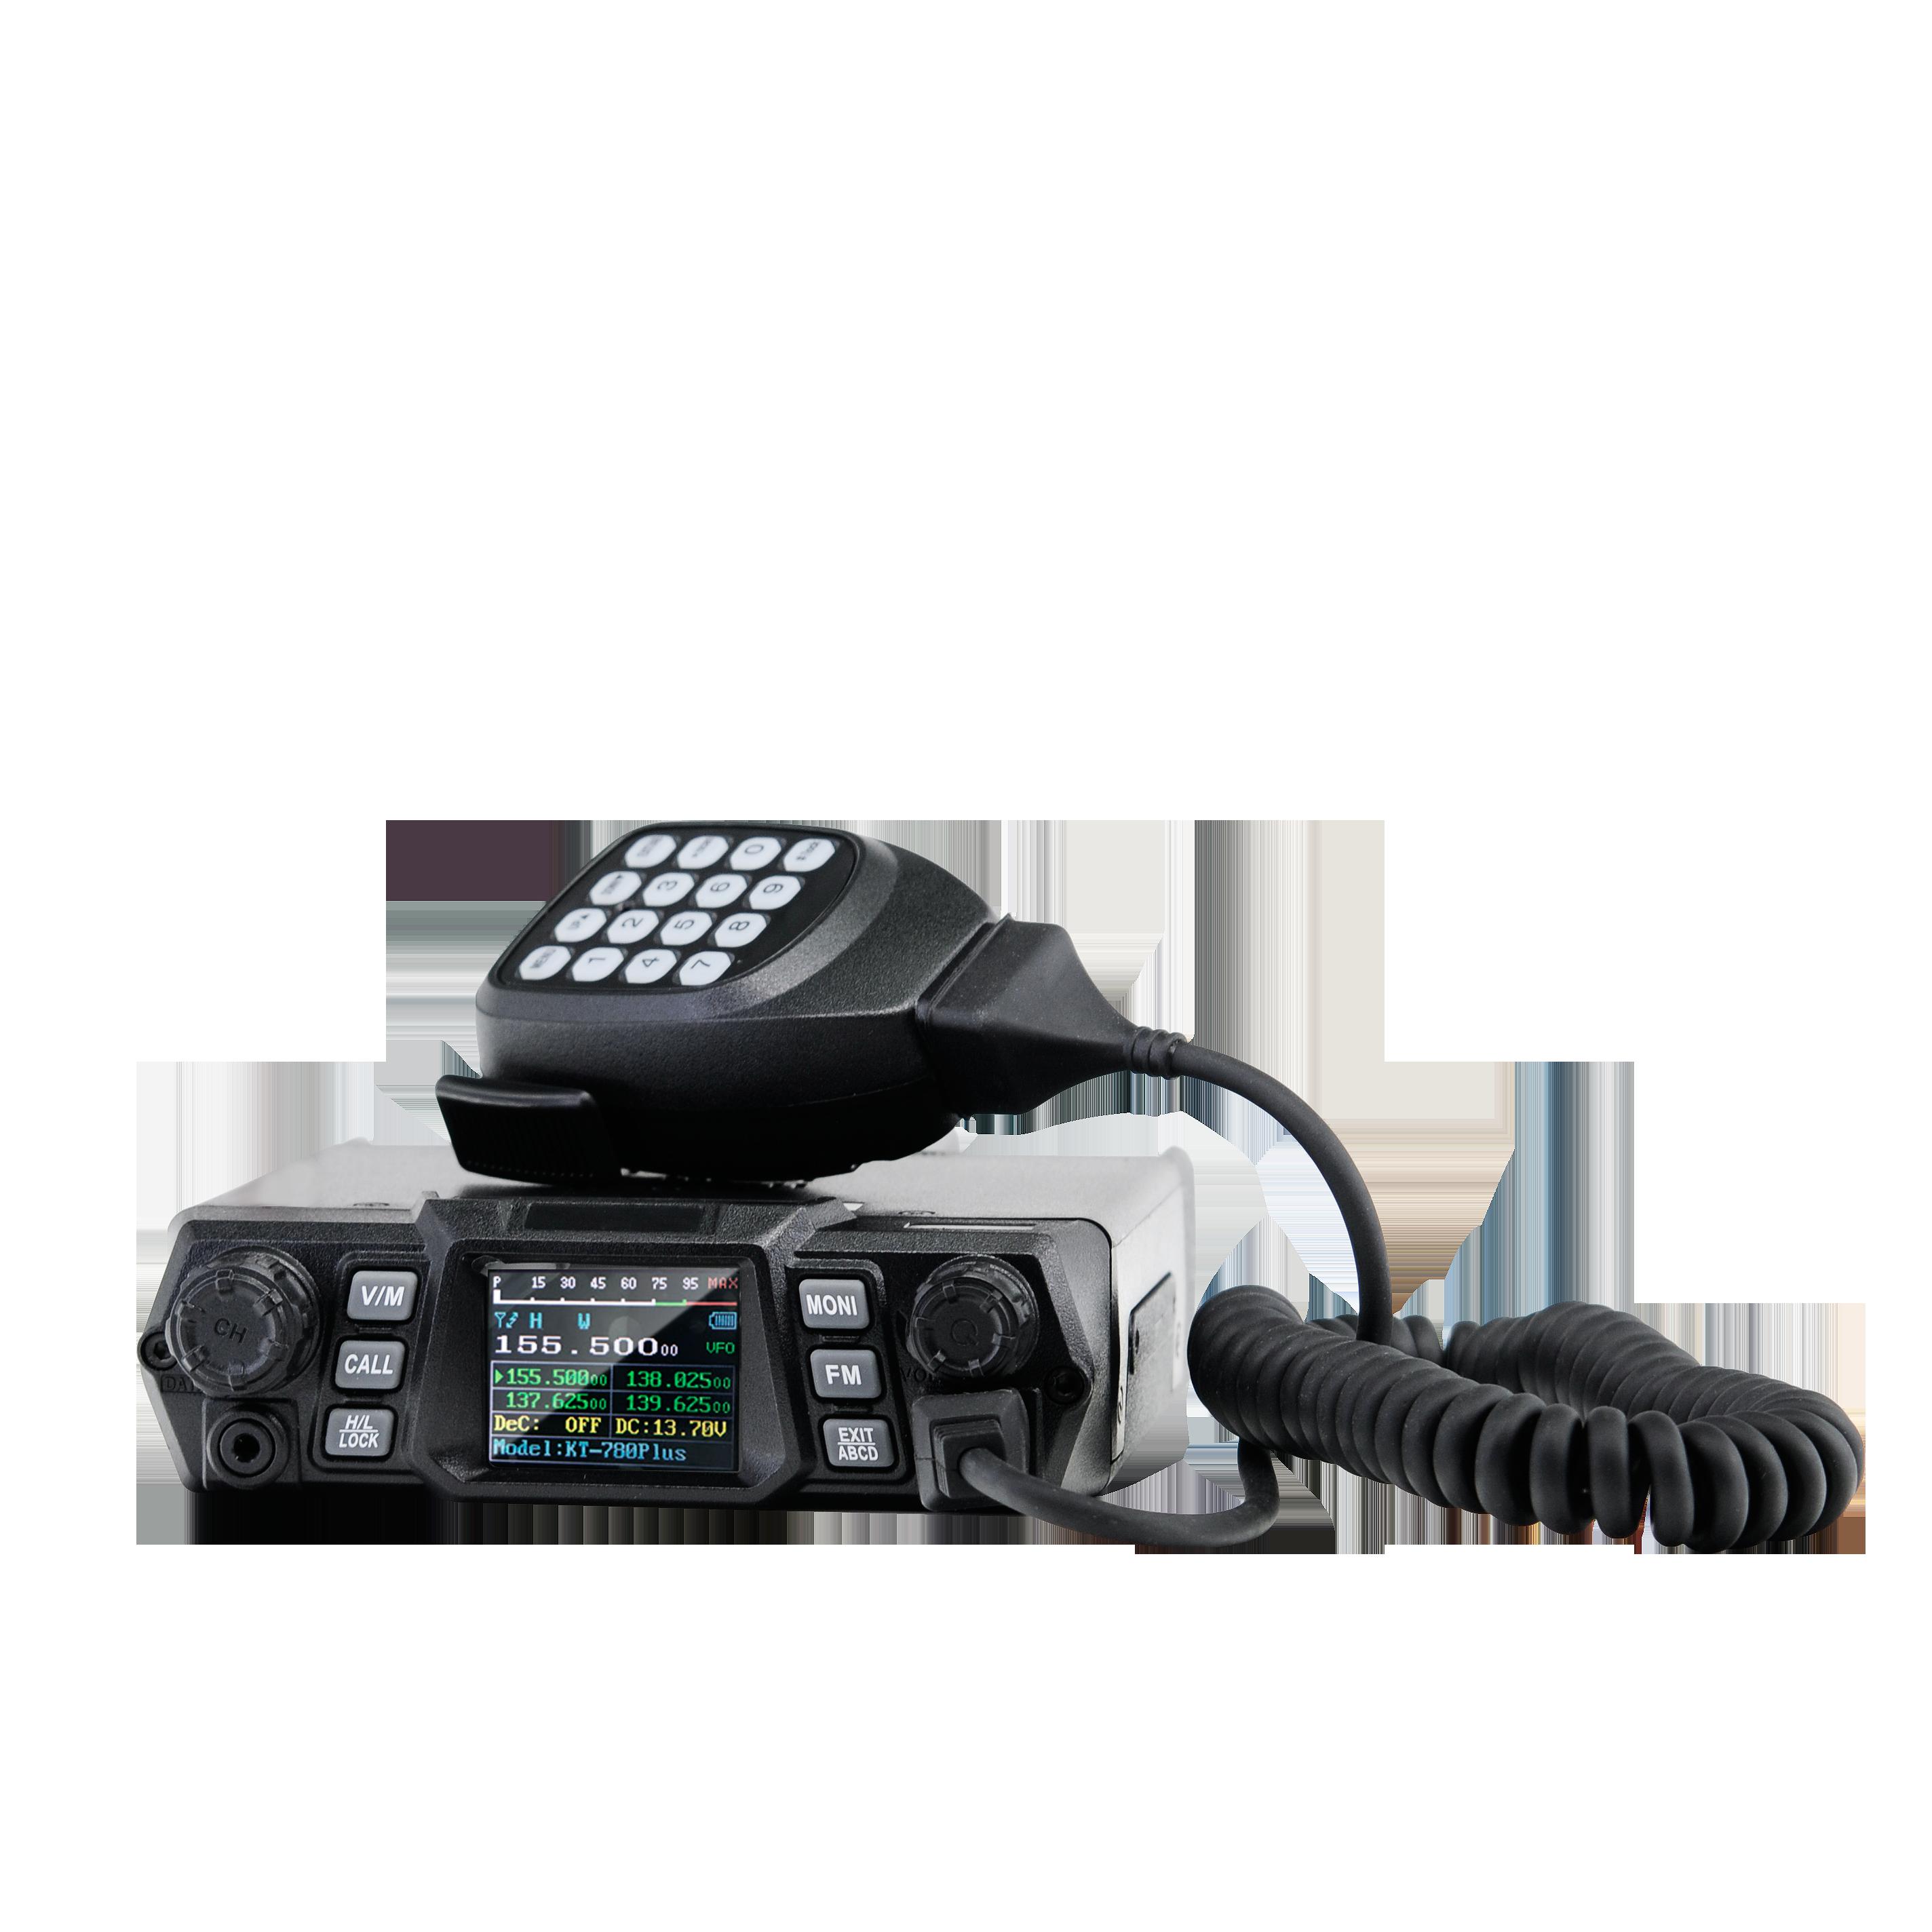 ECOME MT-690 100W high wattage ham radio hf transceiver talkie walkie